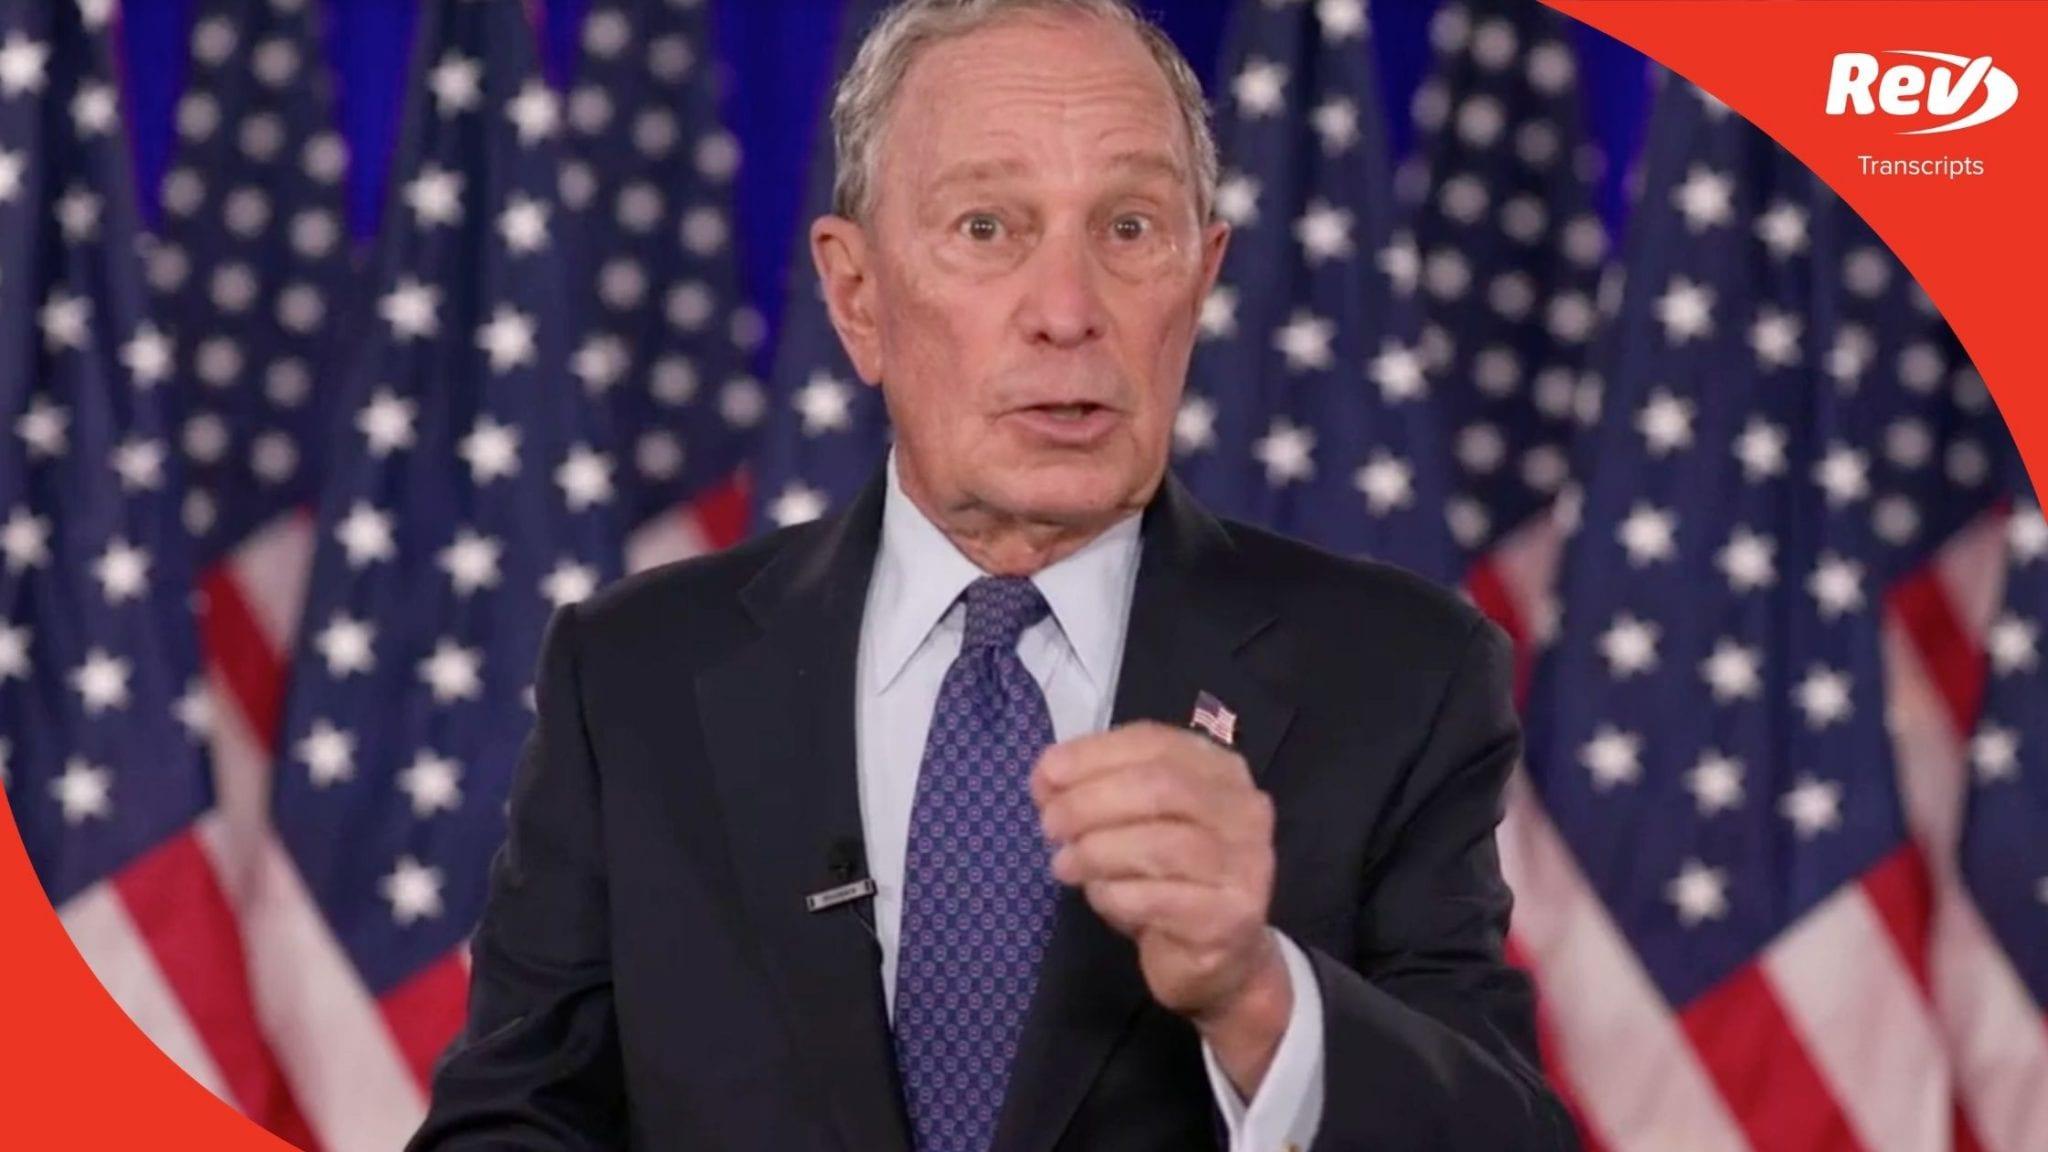 Mike Bloomberg 2020 DNC Speech Transcript